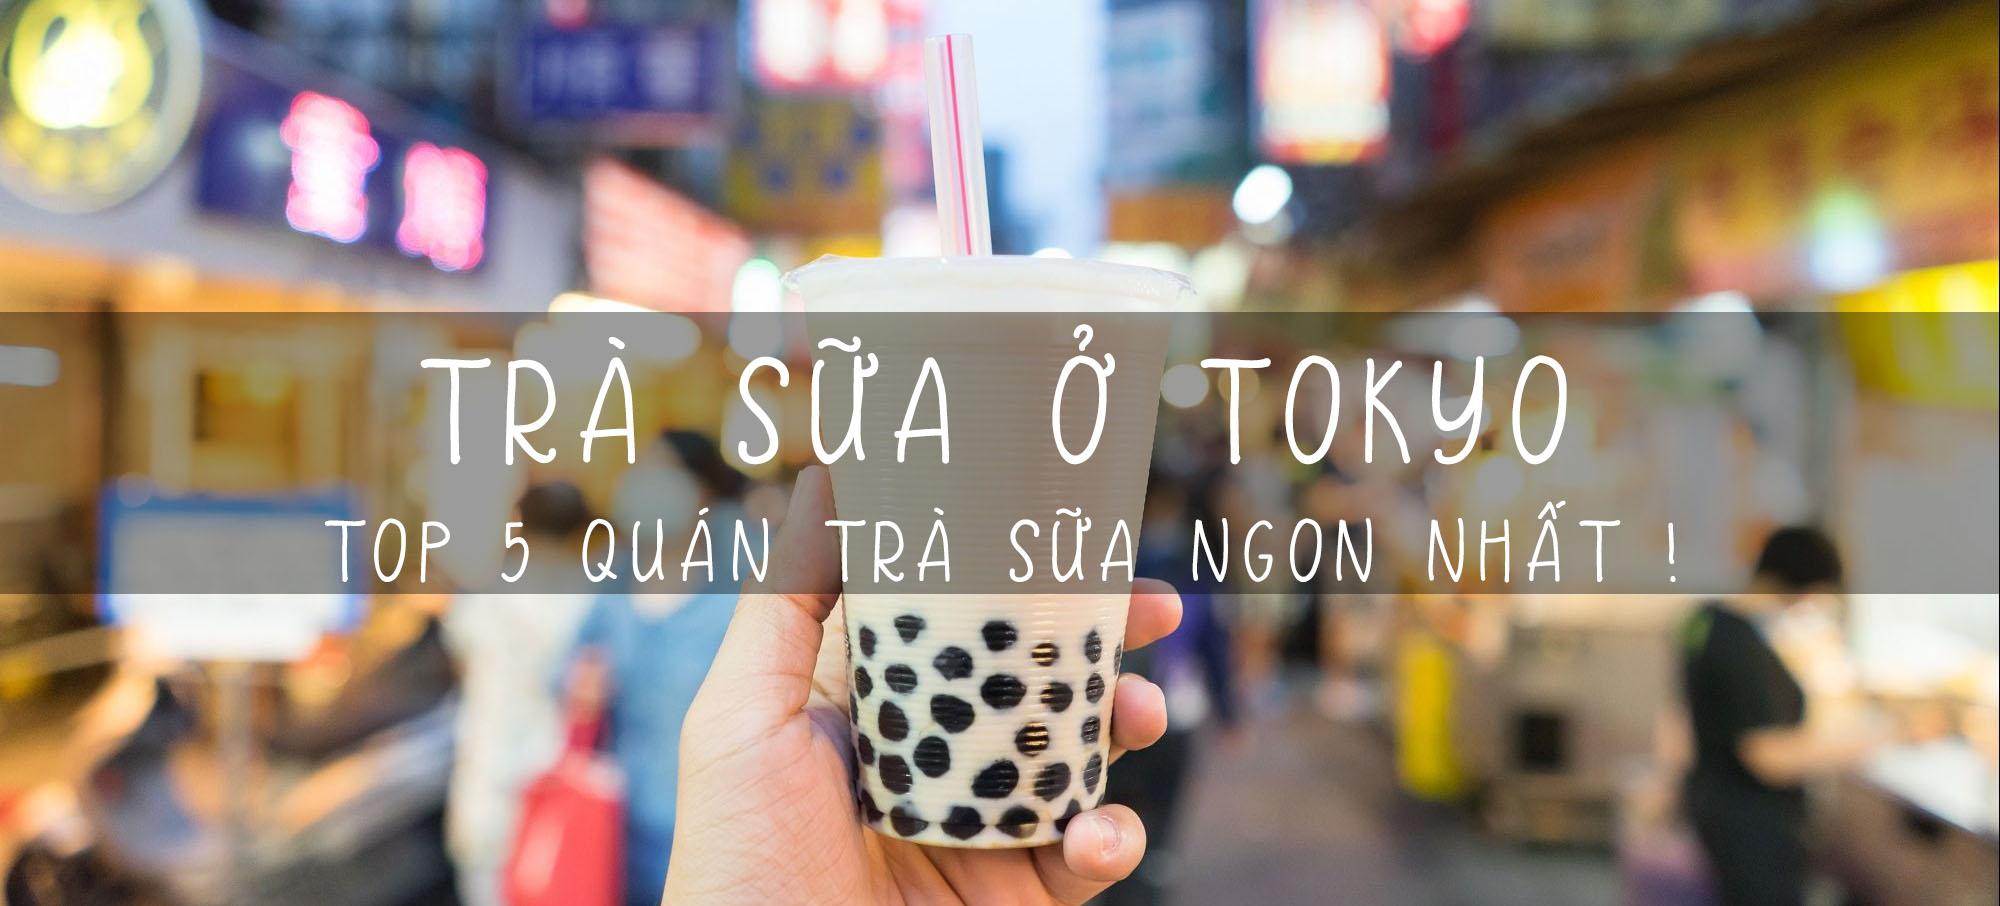 trà sữa ở Tokyo - 5 quán ngon nhất